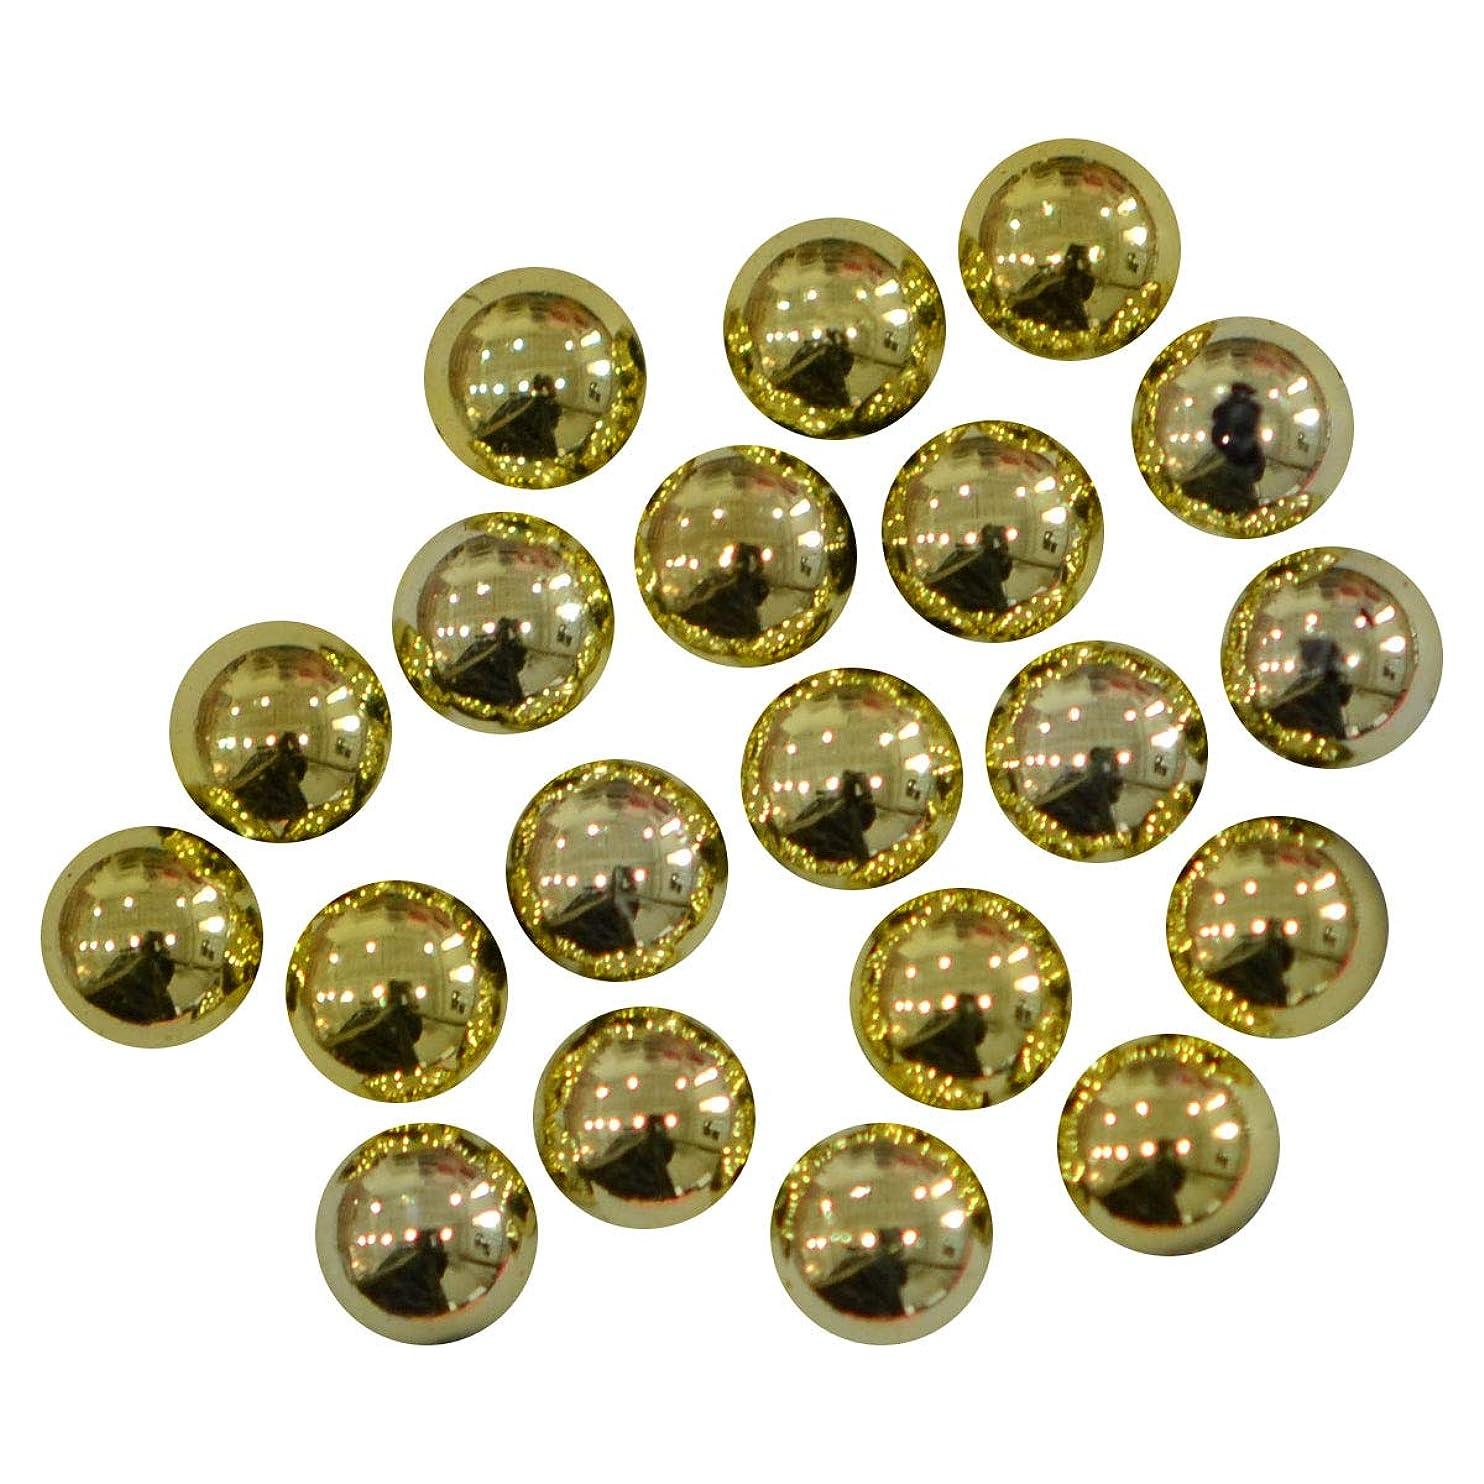 電極またね縫い目ぷっくり半丸ラインストーン 4mm 30粒 / 水滴の様なカットなしラインストーン (ライトゴールド)